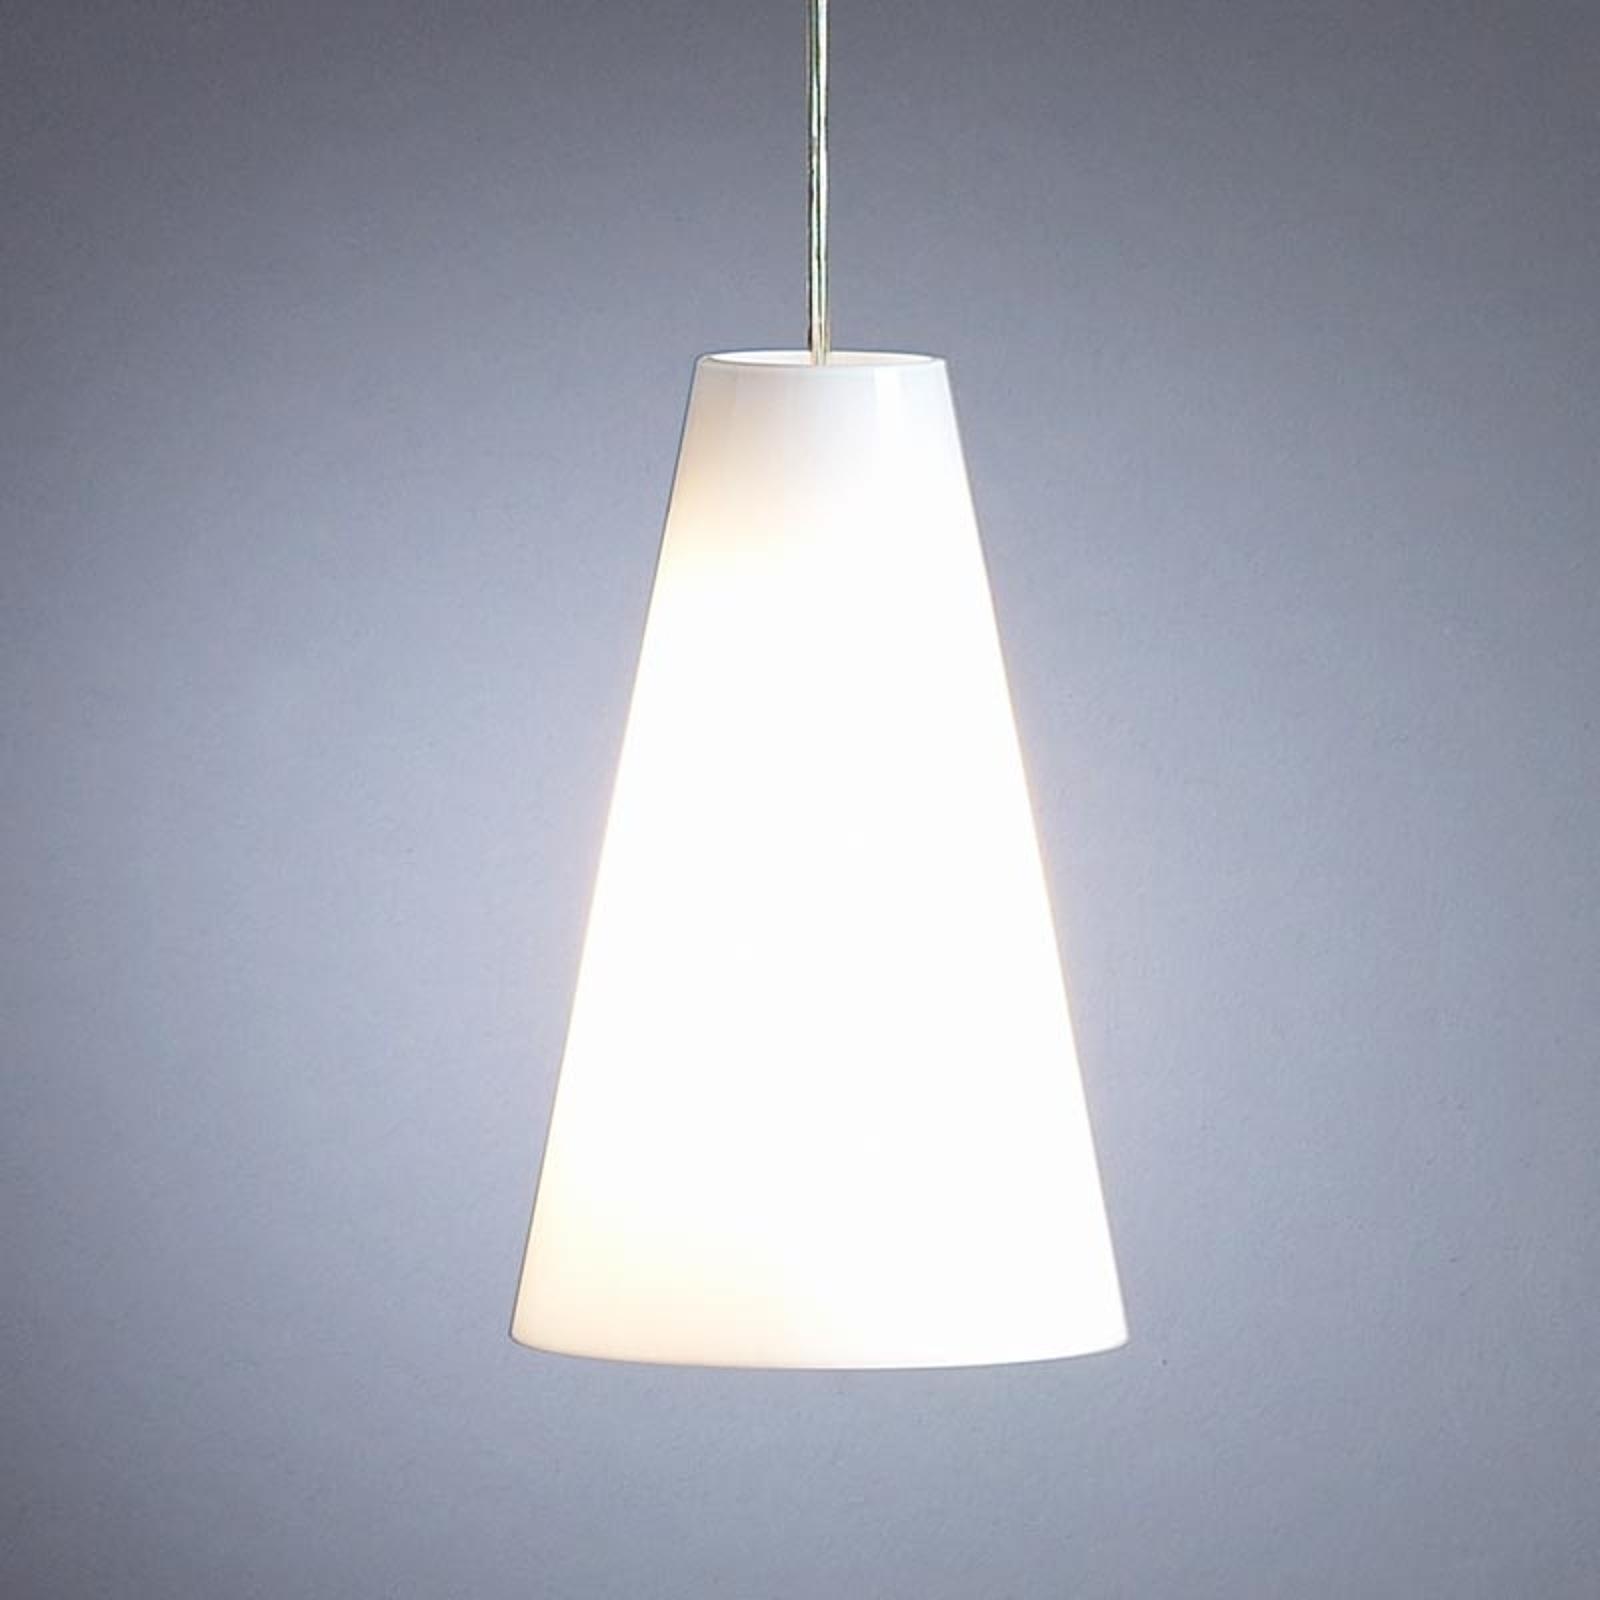 Lampa wisząca Schnepla opalowa